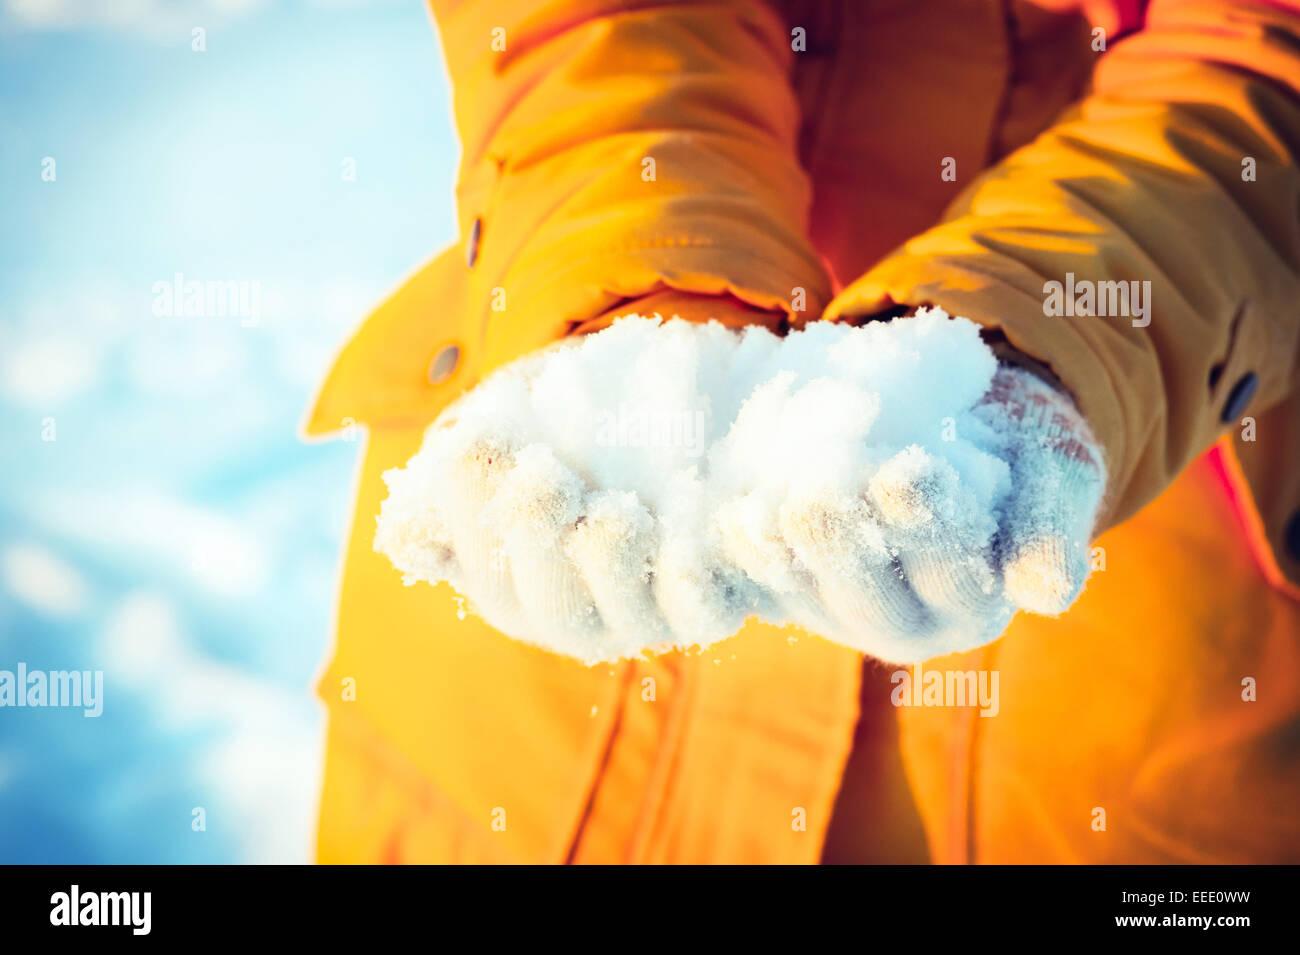 La neige dans les mains d'hiver femme donnant vie de plein air vacances Photo Stock